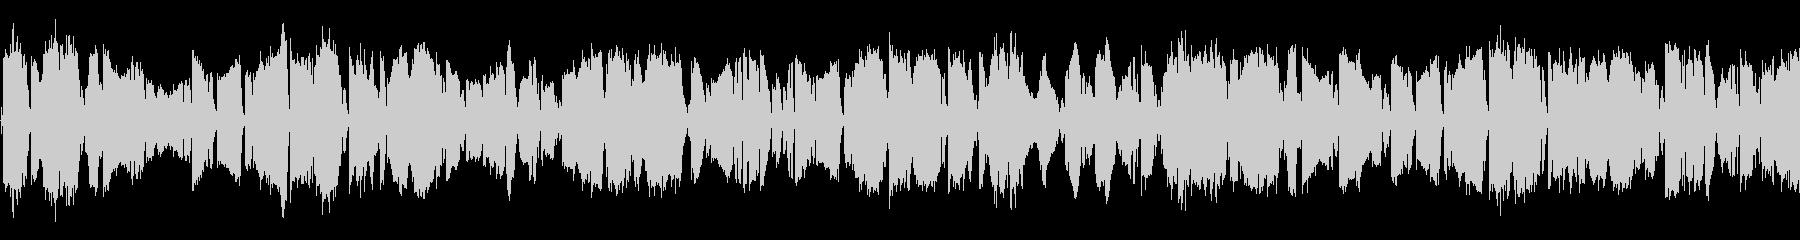 派手にバチバチする電撃・スパーク音ループの未再生の波形